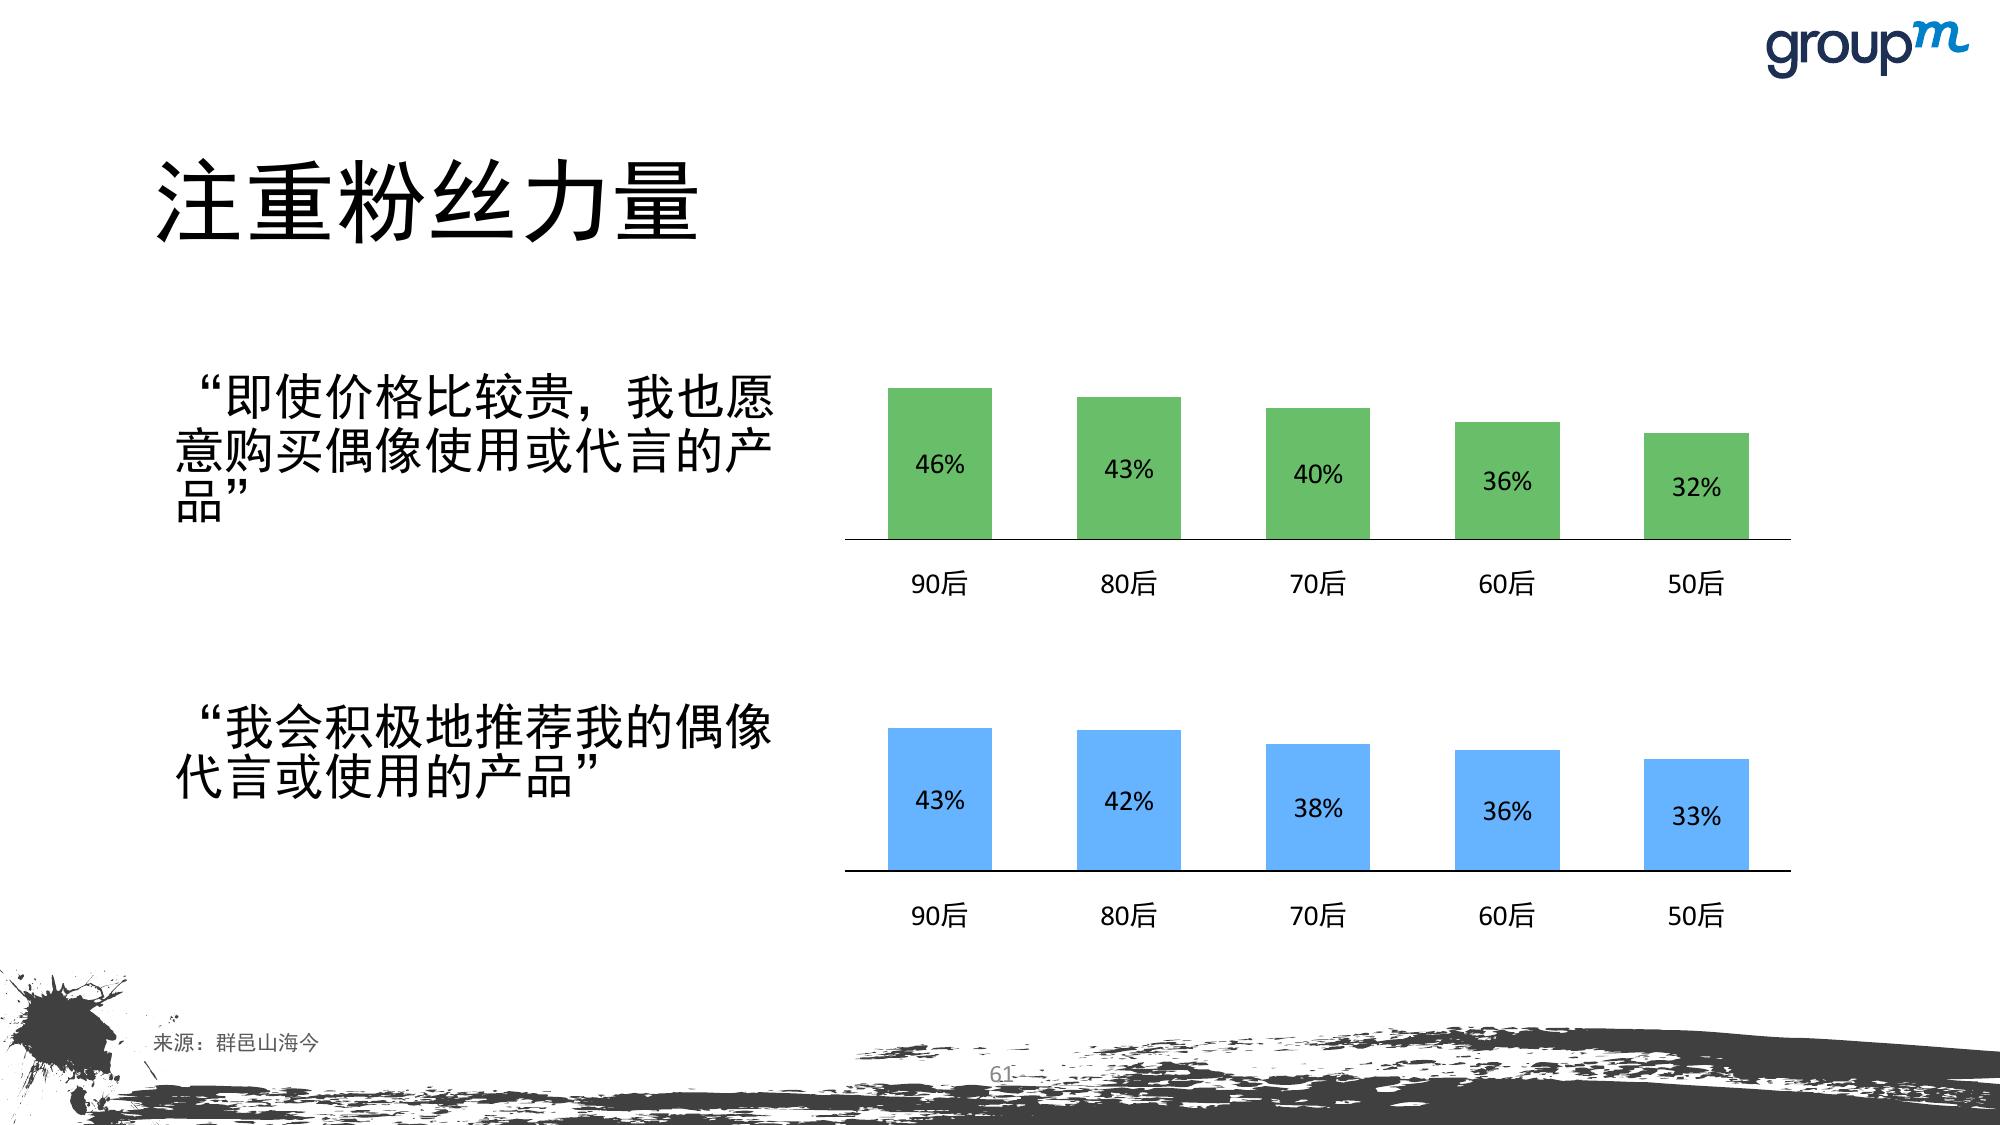 山海今2015中国媒介趋势报告_000061